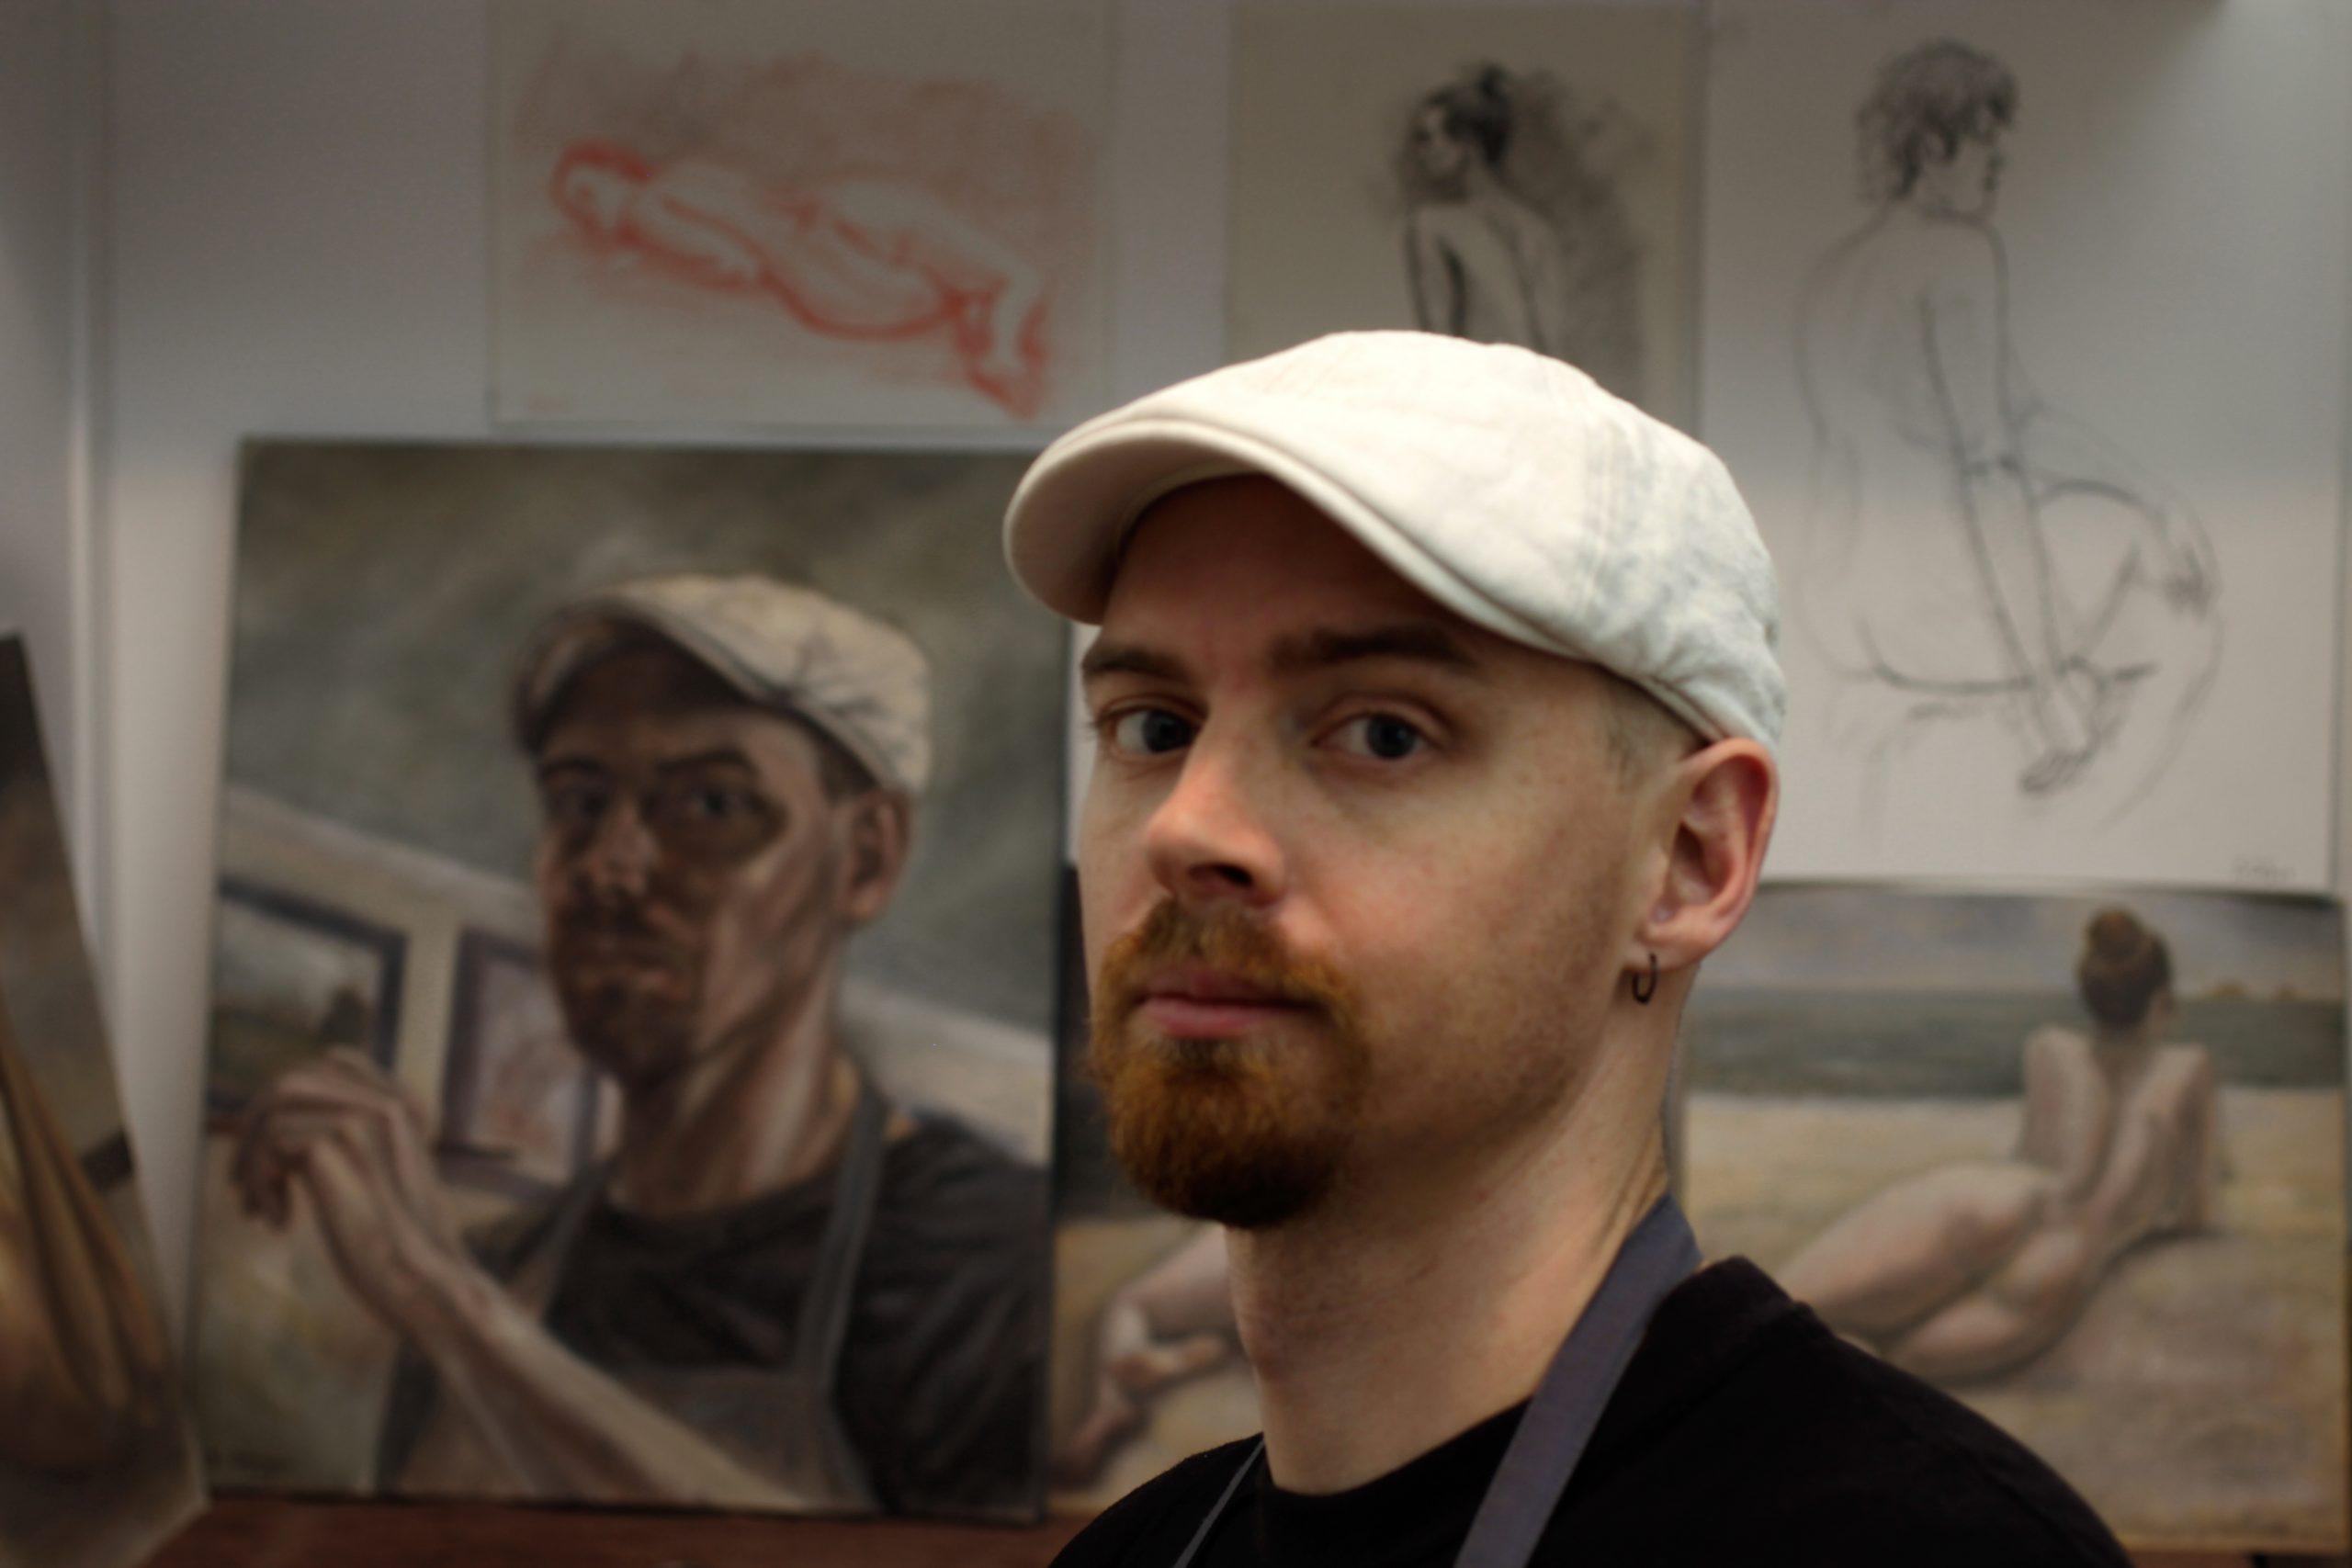 Damian Osborne, artist in studio